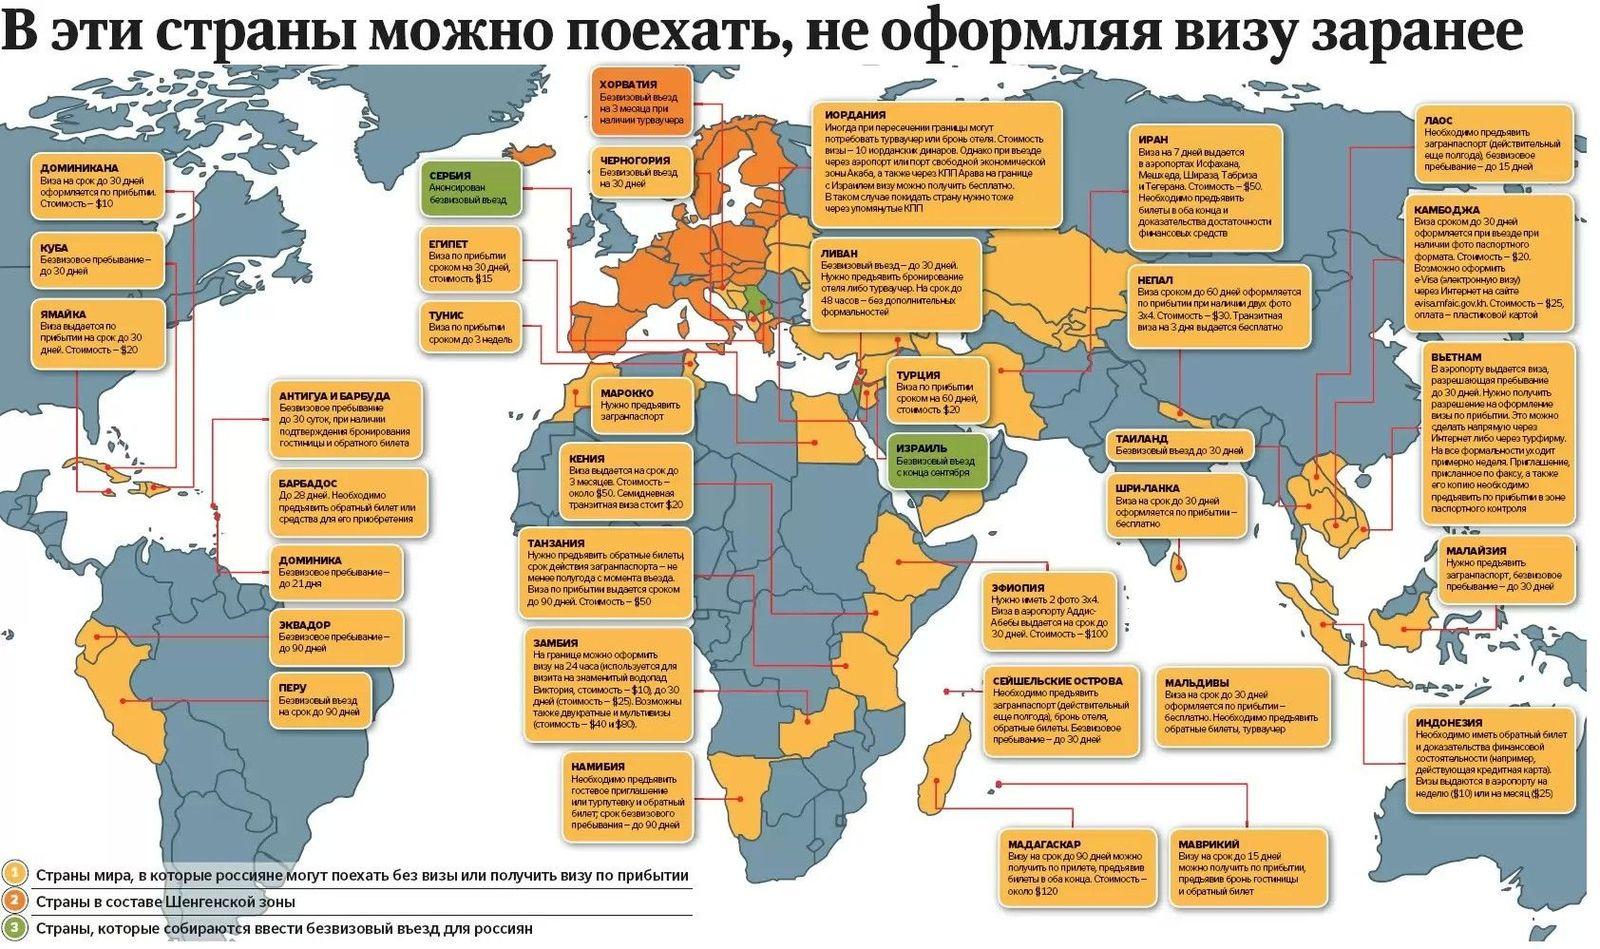 Перечень стран, куда россияне могут поехать без визы